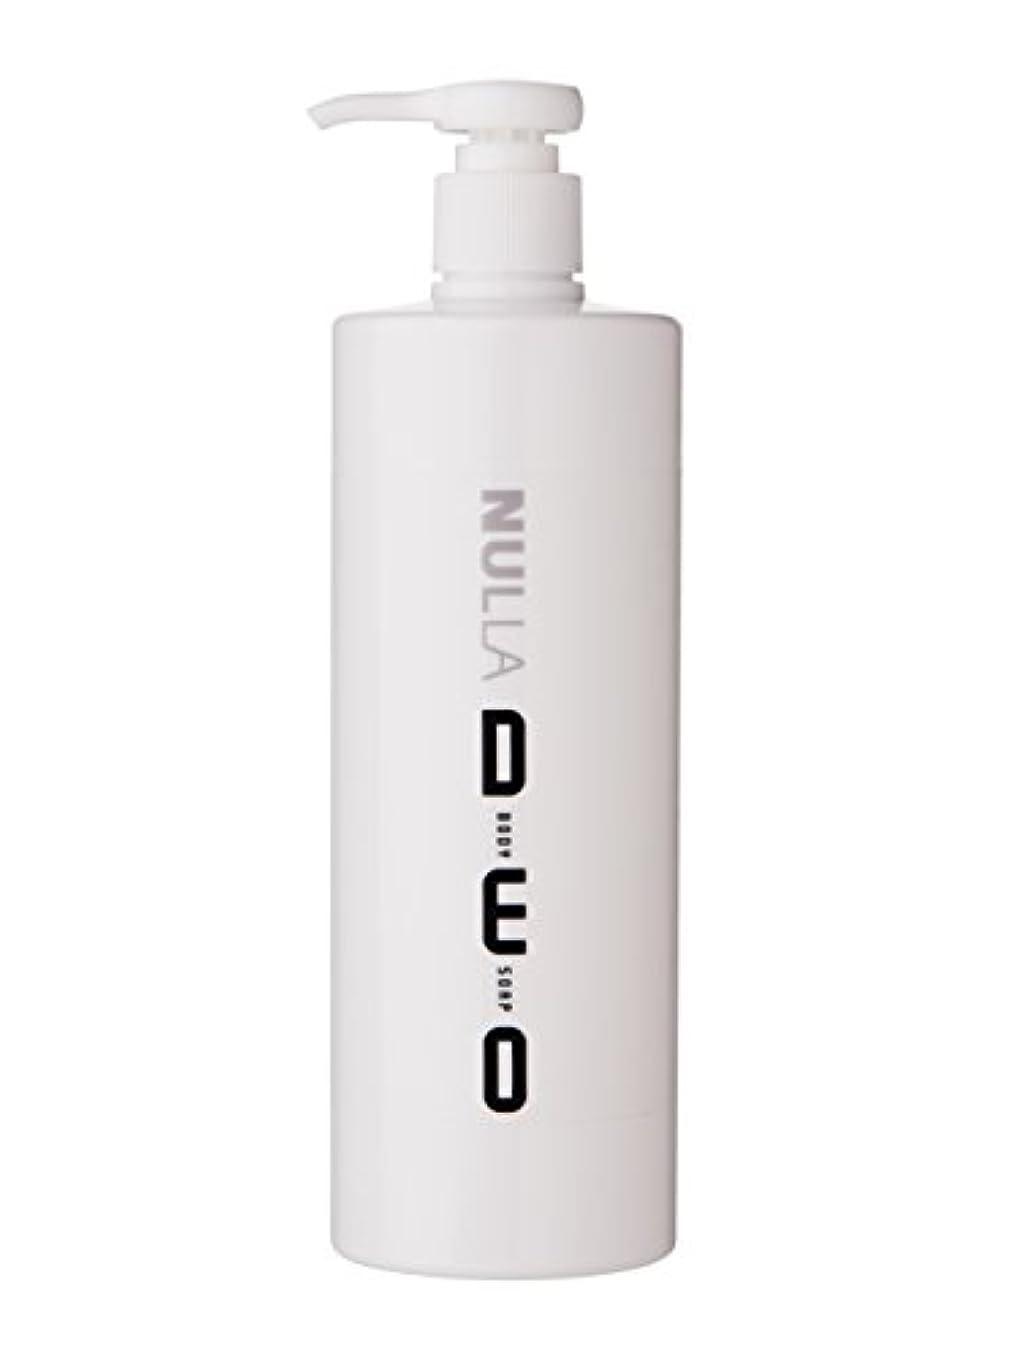 耐えられない朝の体操をするみぞれNULLA(ヌーラ) ヌーラデオ ボディソープ [ニオイ菌を抑制] 500ml 日本製 加齢臭 体臭 対策 シャボンの香り